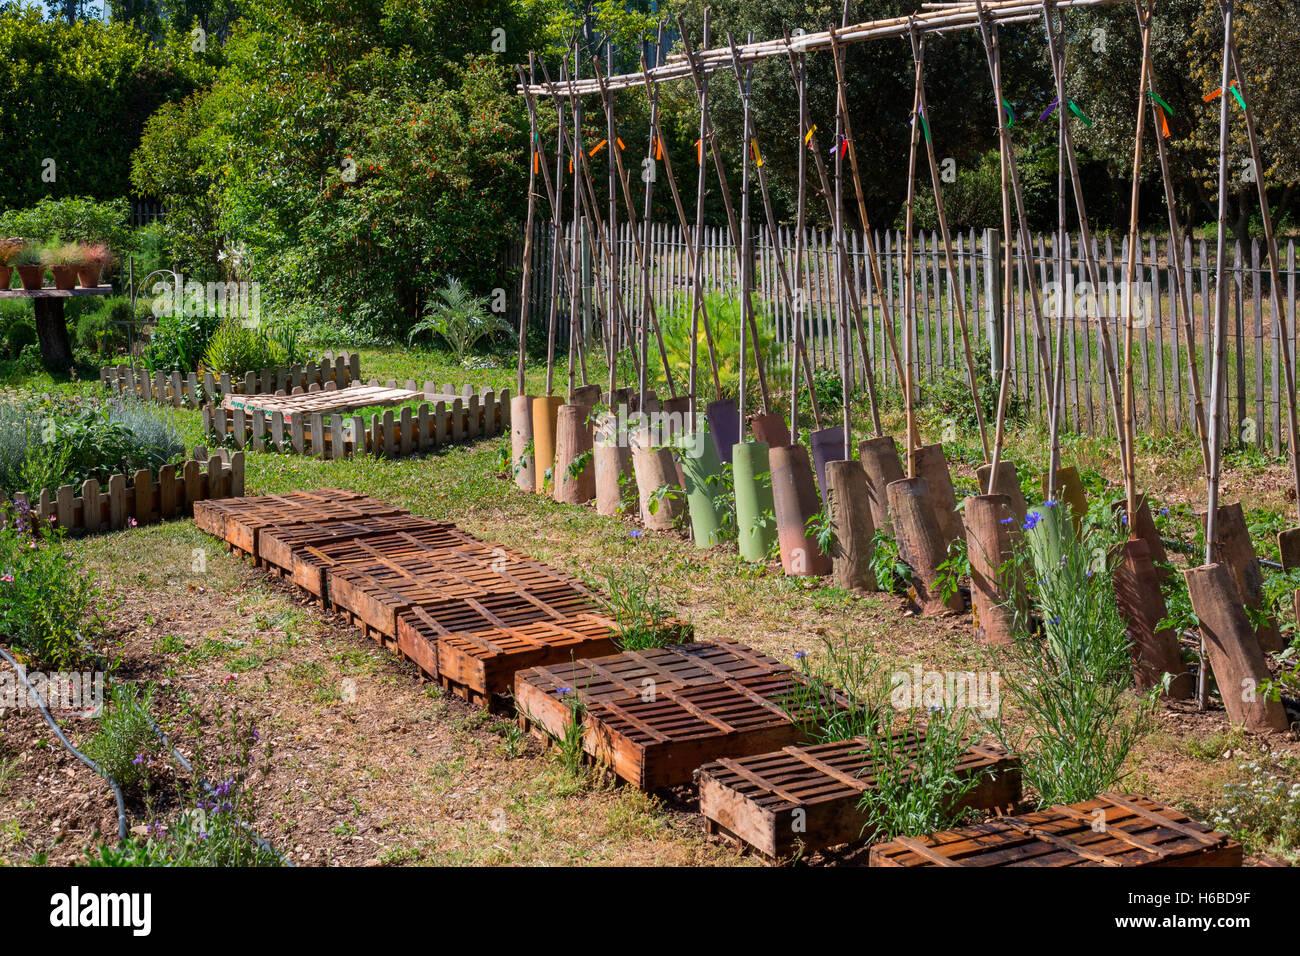 Manure Fertilizer Plant Propagation Stock Photos & Manure Fertilizer ...